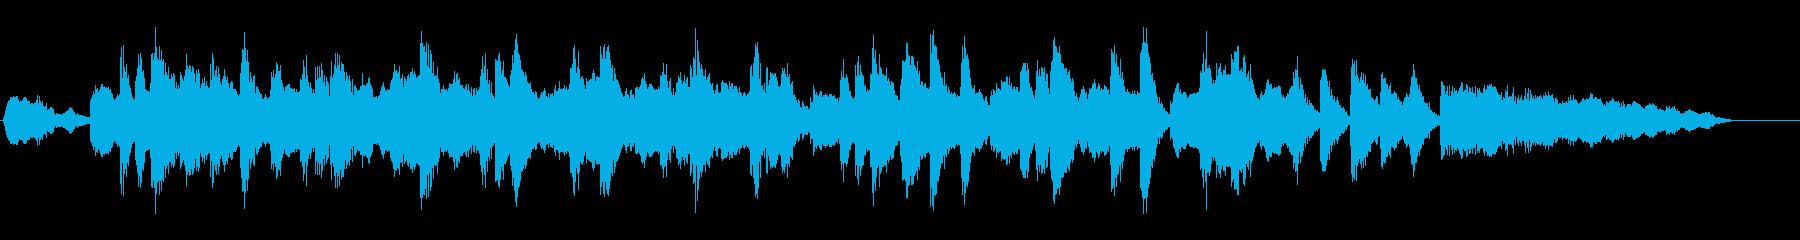 ジングル|軽快なお昼の雰囲気-管弦楽器の再生済みの波形